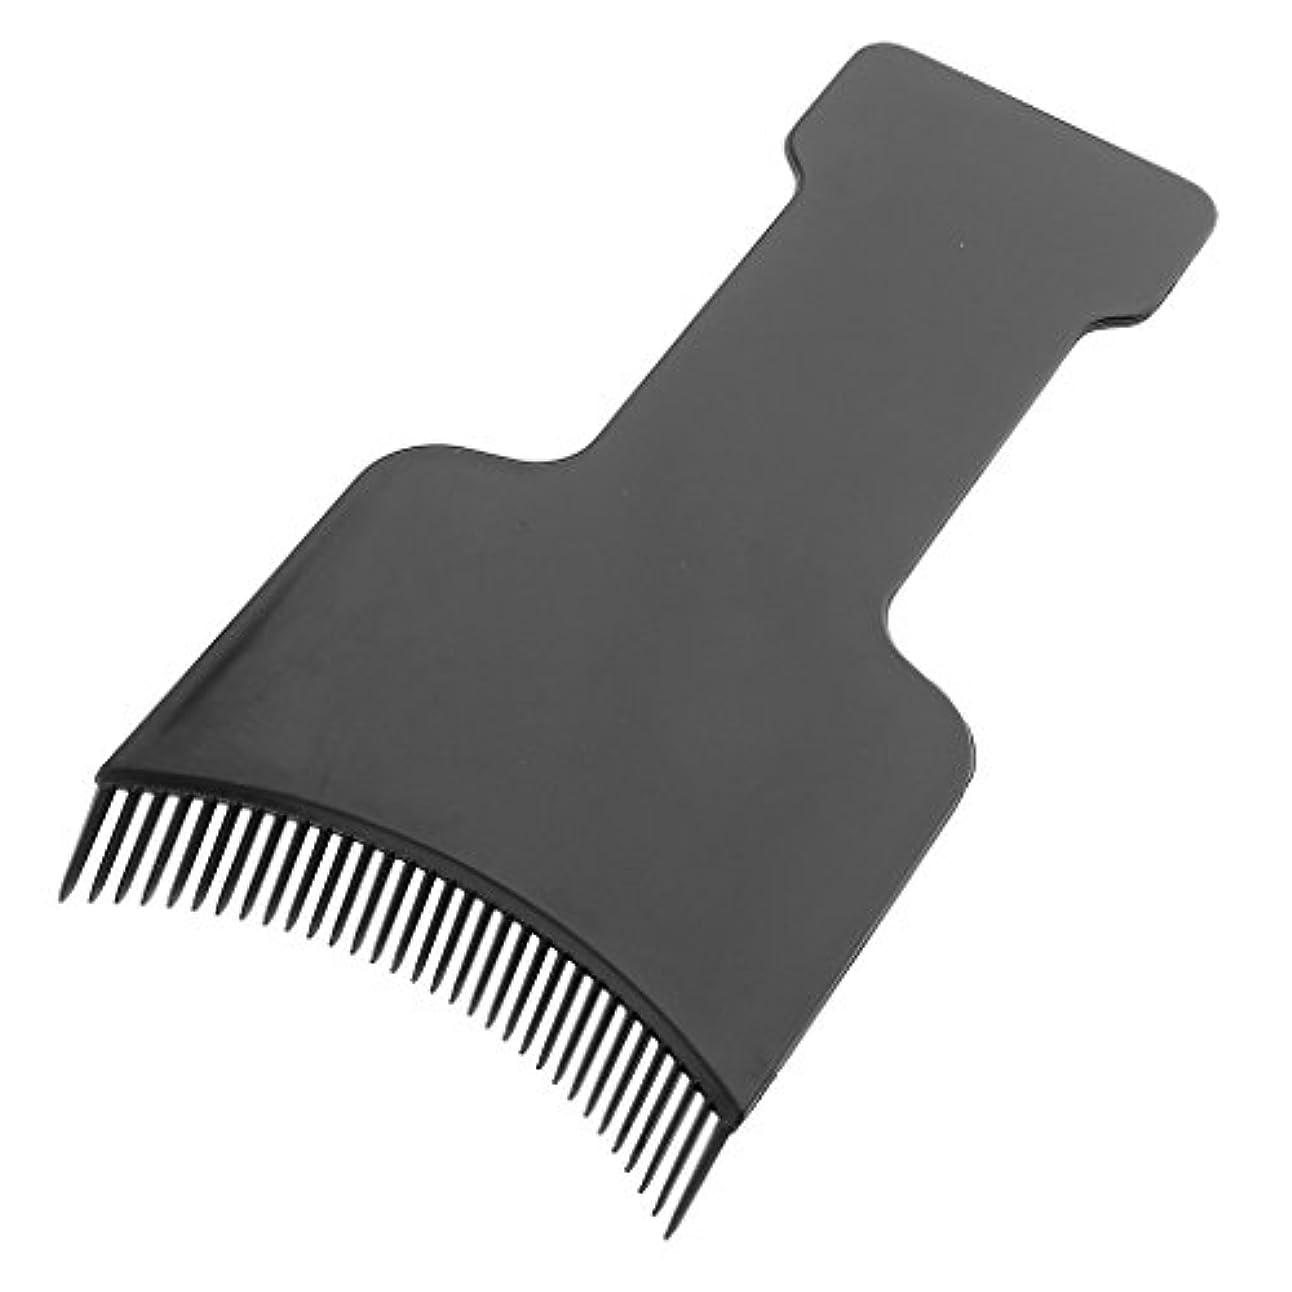 暴君ゼリー再生染色ティントプレート ヘアカラー ボード 美容 ヘア ツール 髪 保護 ブラック 実用 便利 全4サイズ - S